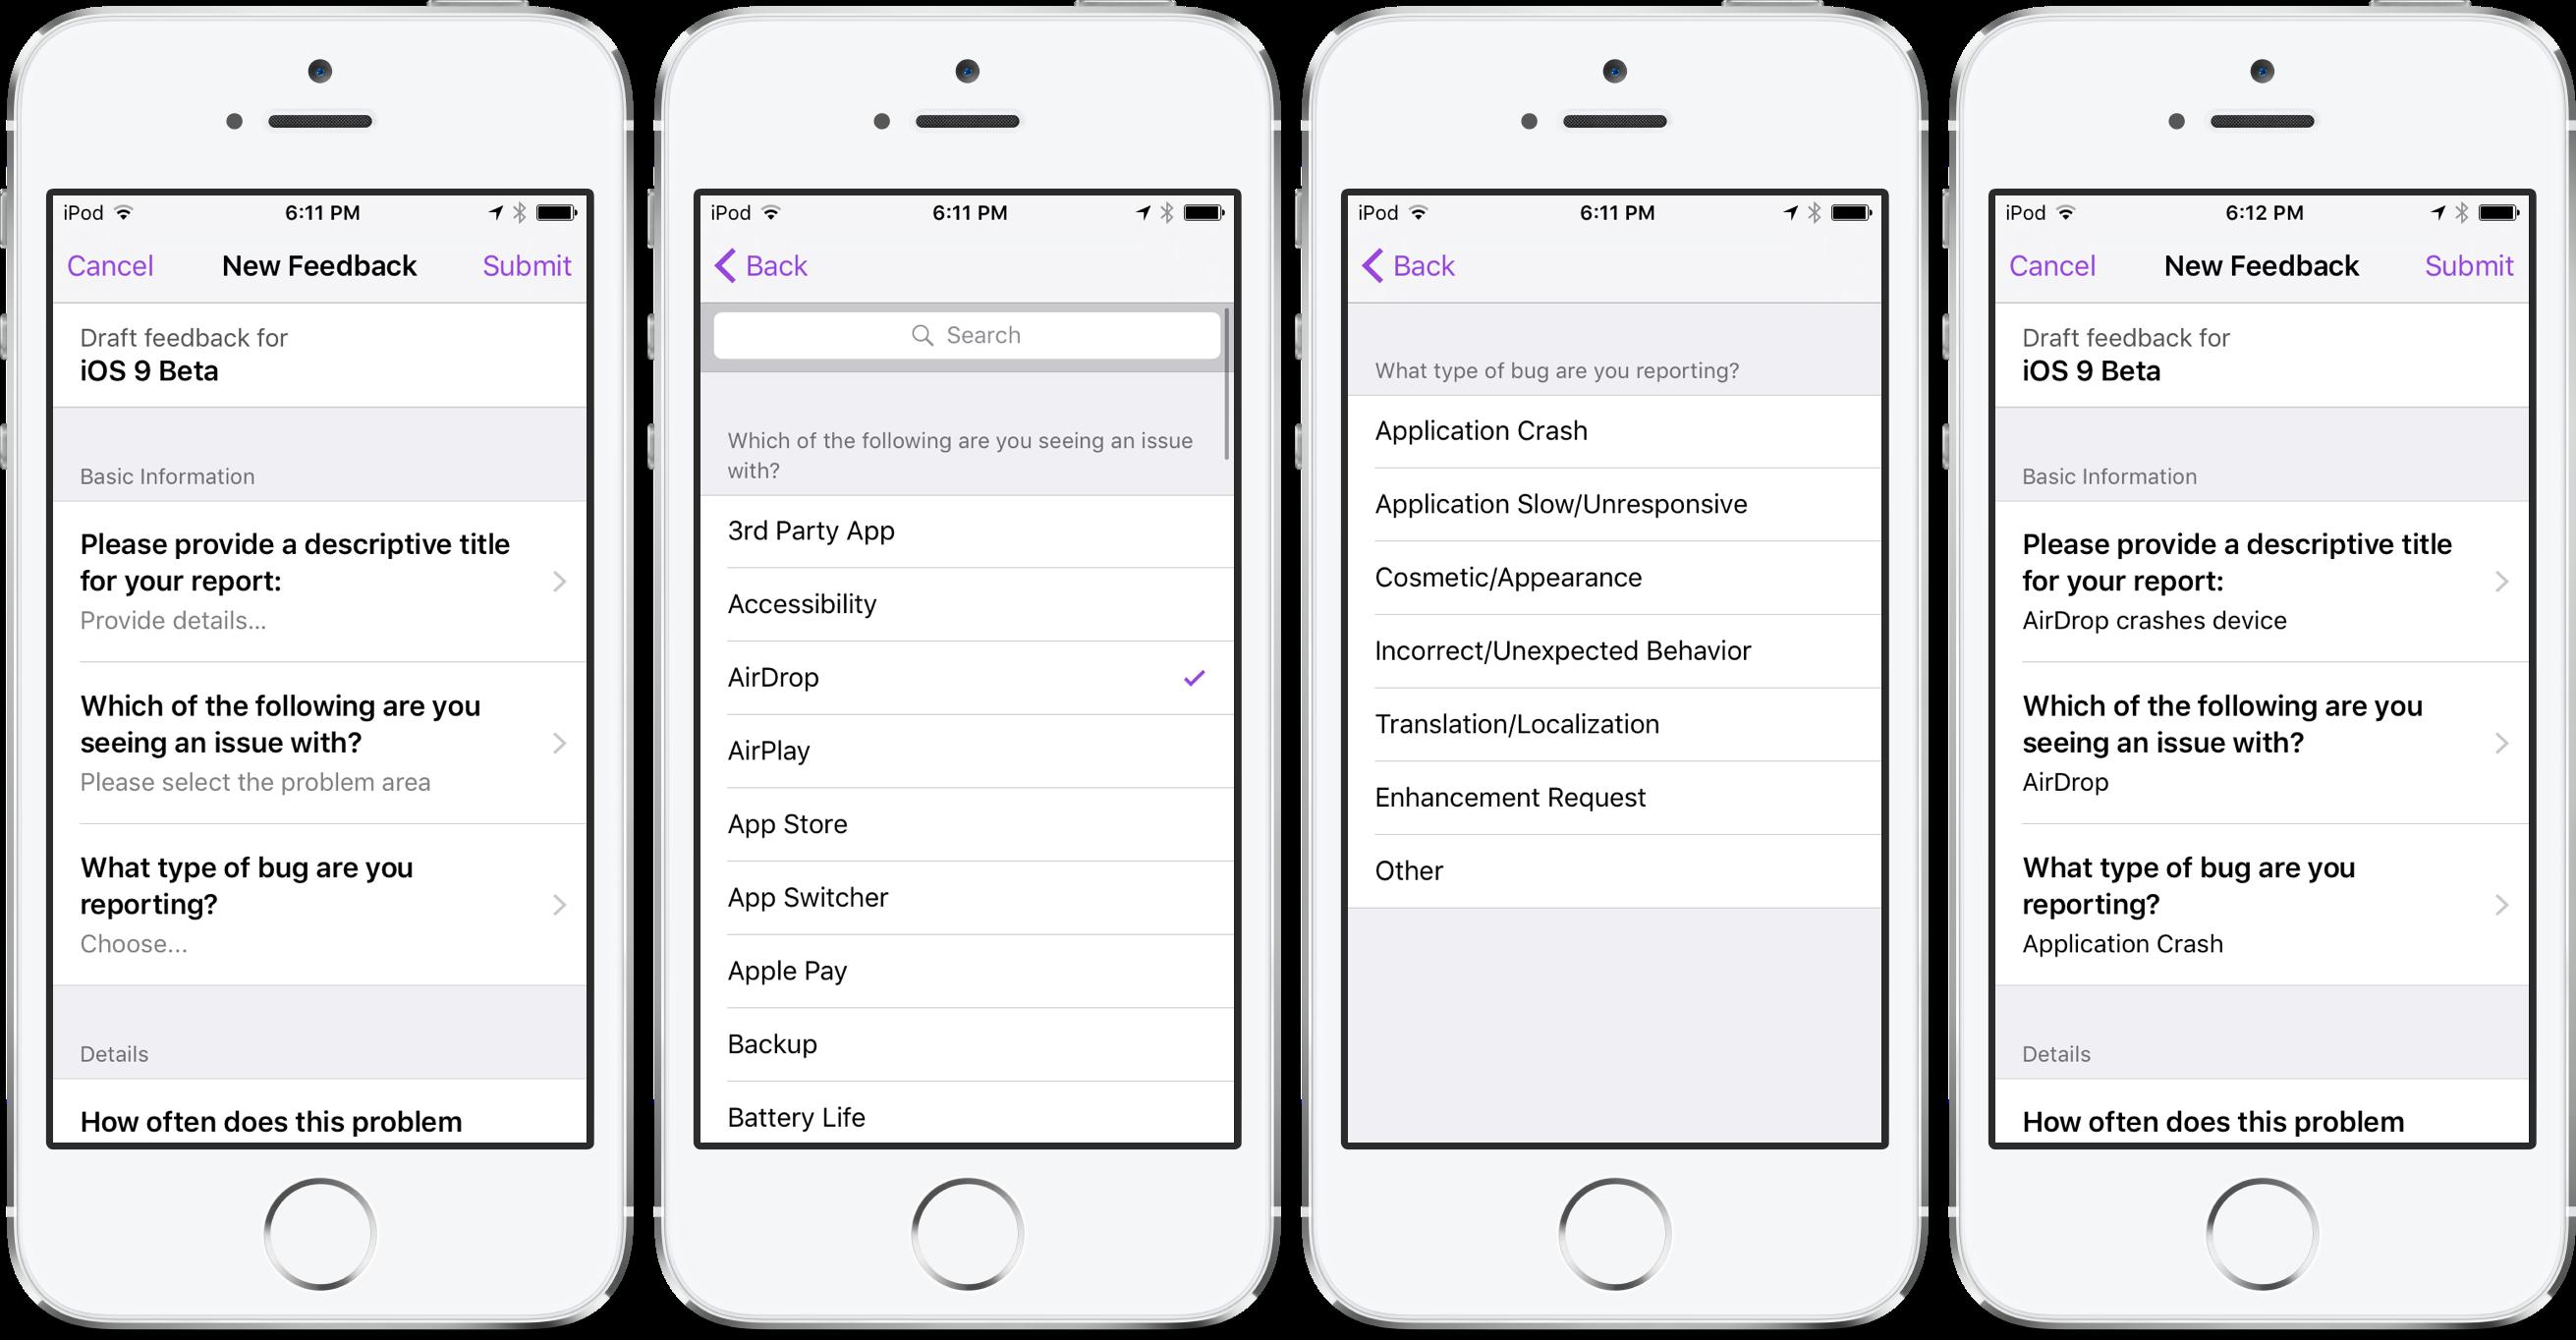 iOS 9 El Capitan Feedback Assistant iPod touch screenshot 005